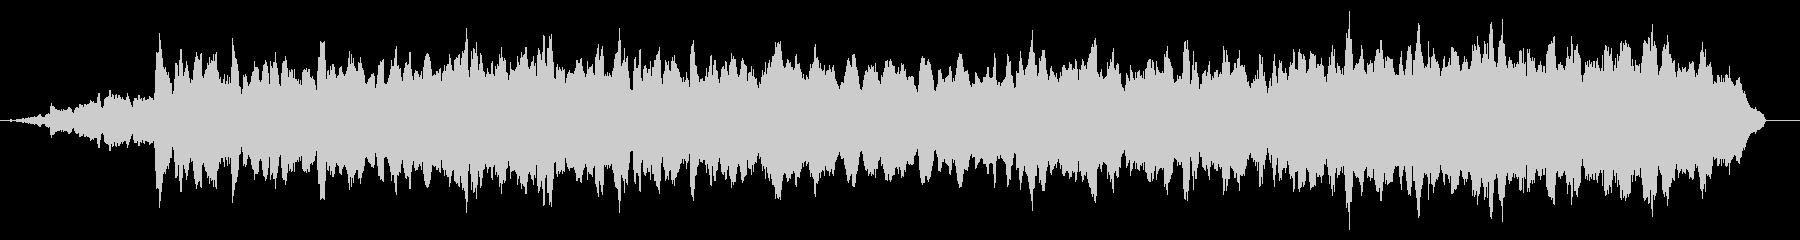 ドキュメンタリー系 活断層風サウンドの未再生の波形